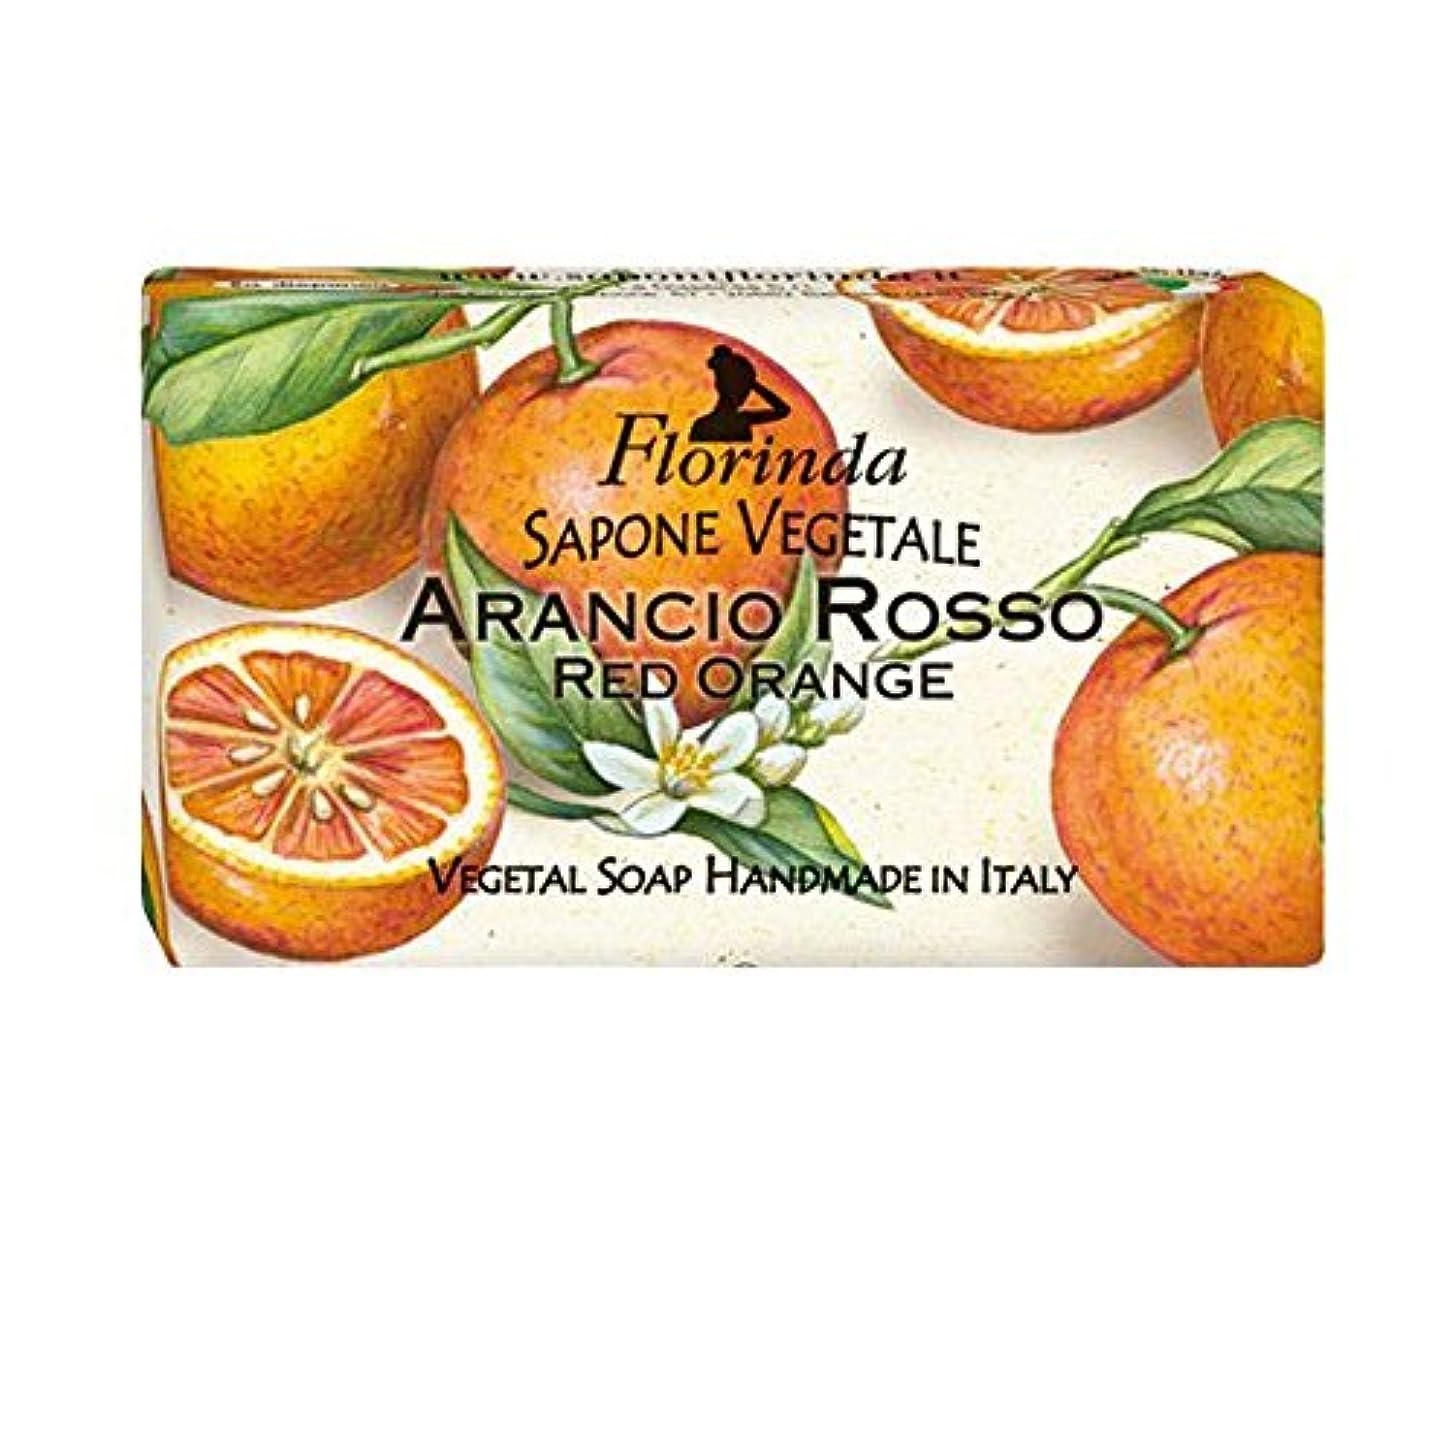 枯渇するアニメーション覆すFlorinda フロリンダ フレグランスソープ フルーツ レッドオレンジ 100g [並行輸入品]